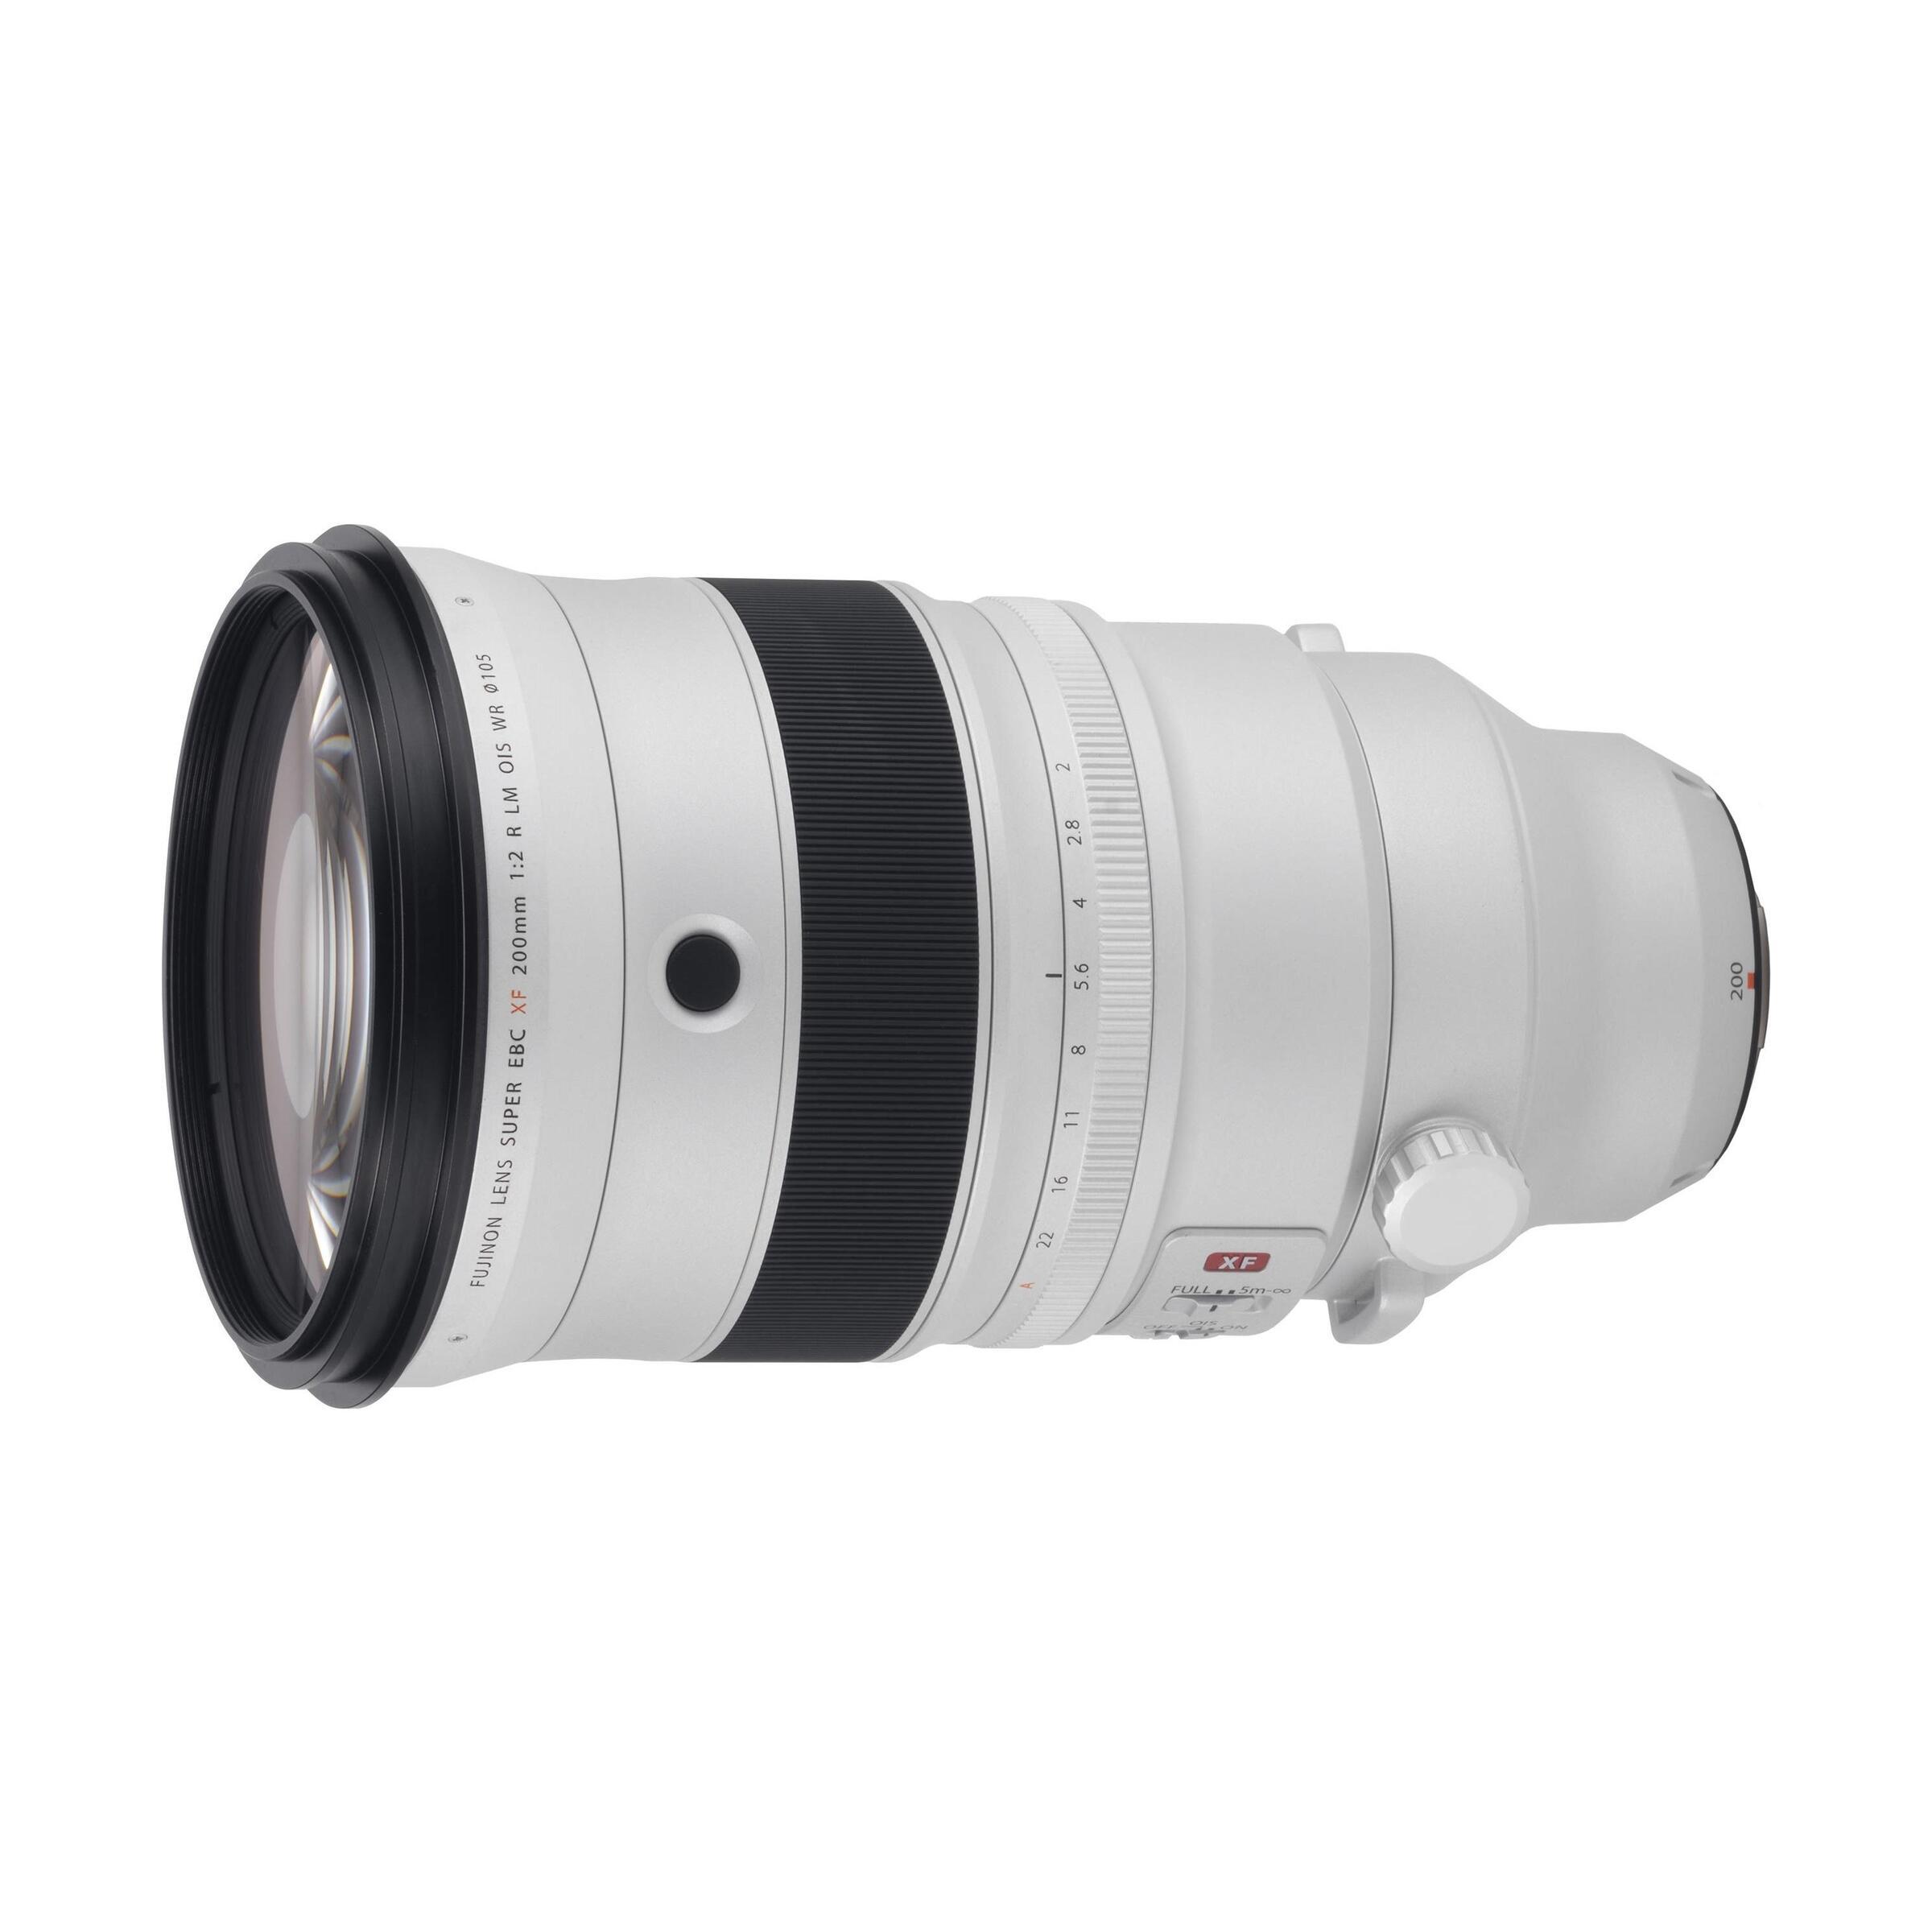 Fujifilm XF 200mm f/2,0 OIS WR + XF 1,4x TC F2 WR